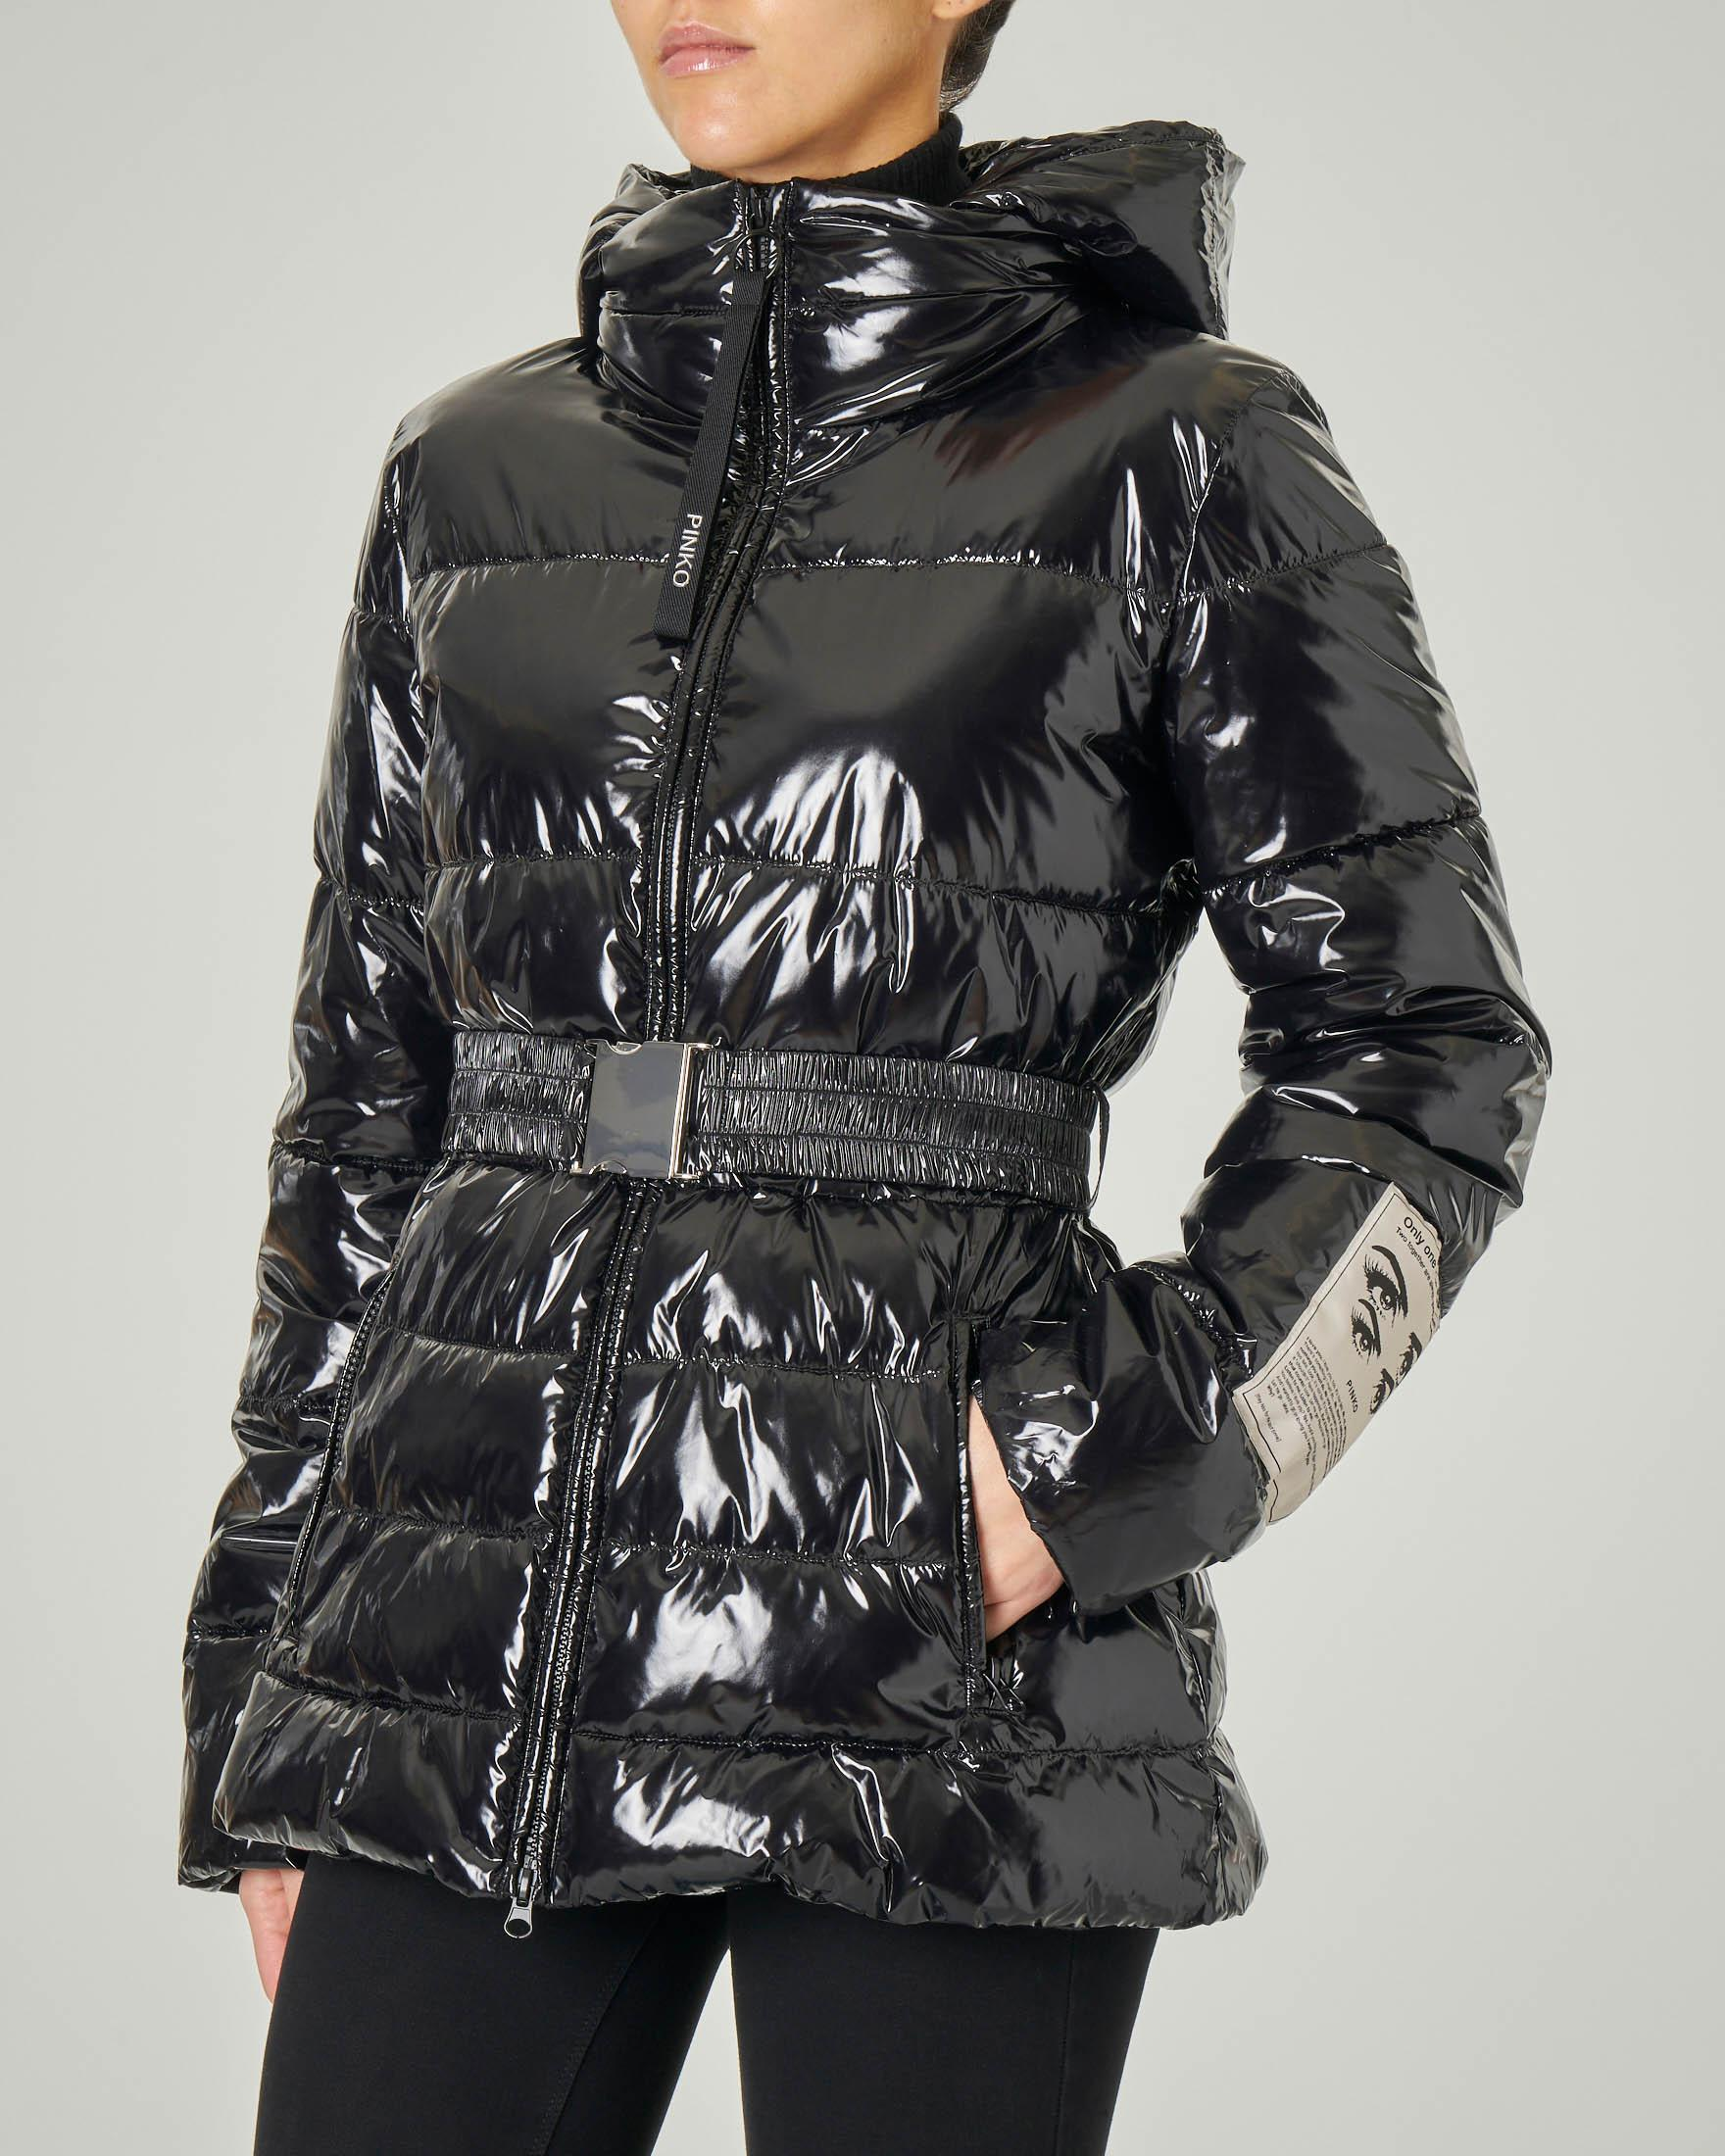 Piumino nero effetto super glossy con cappuccio e cintura elasticizzata in vita